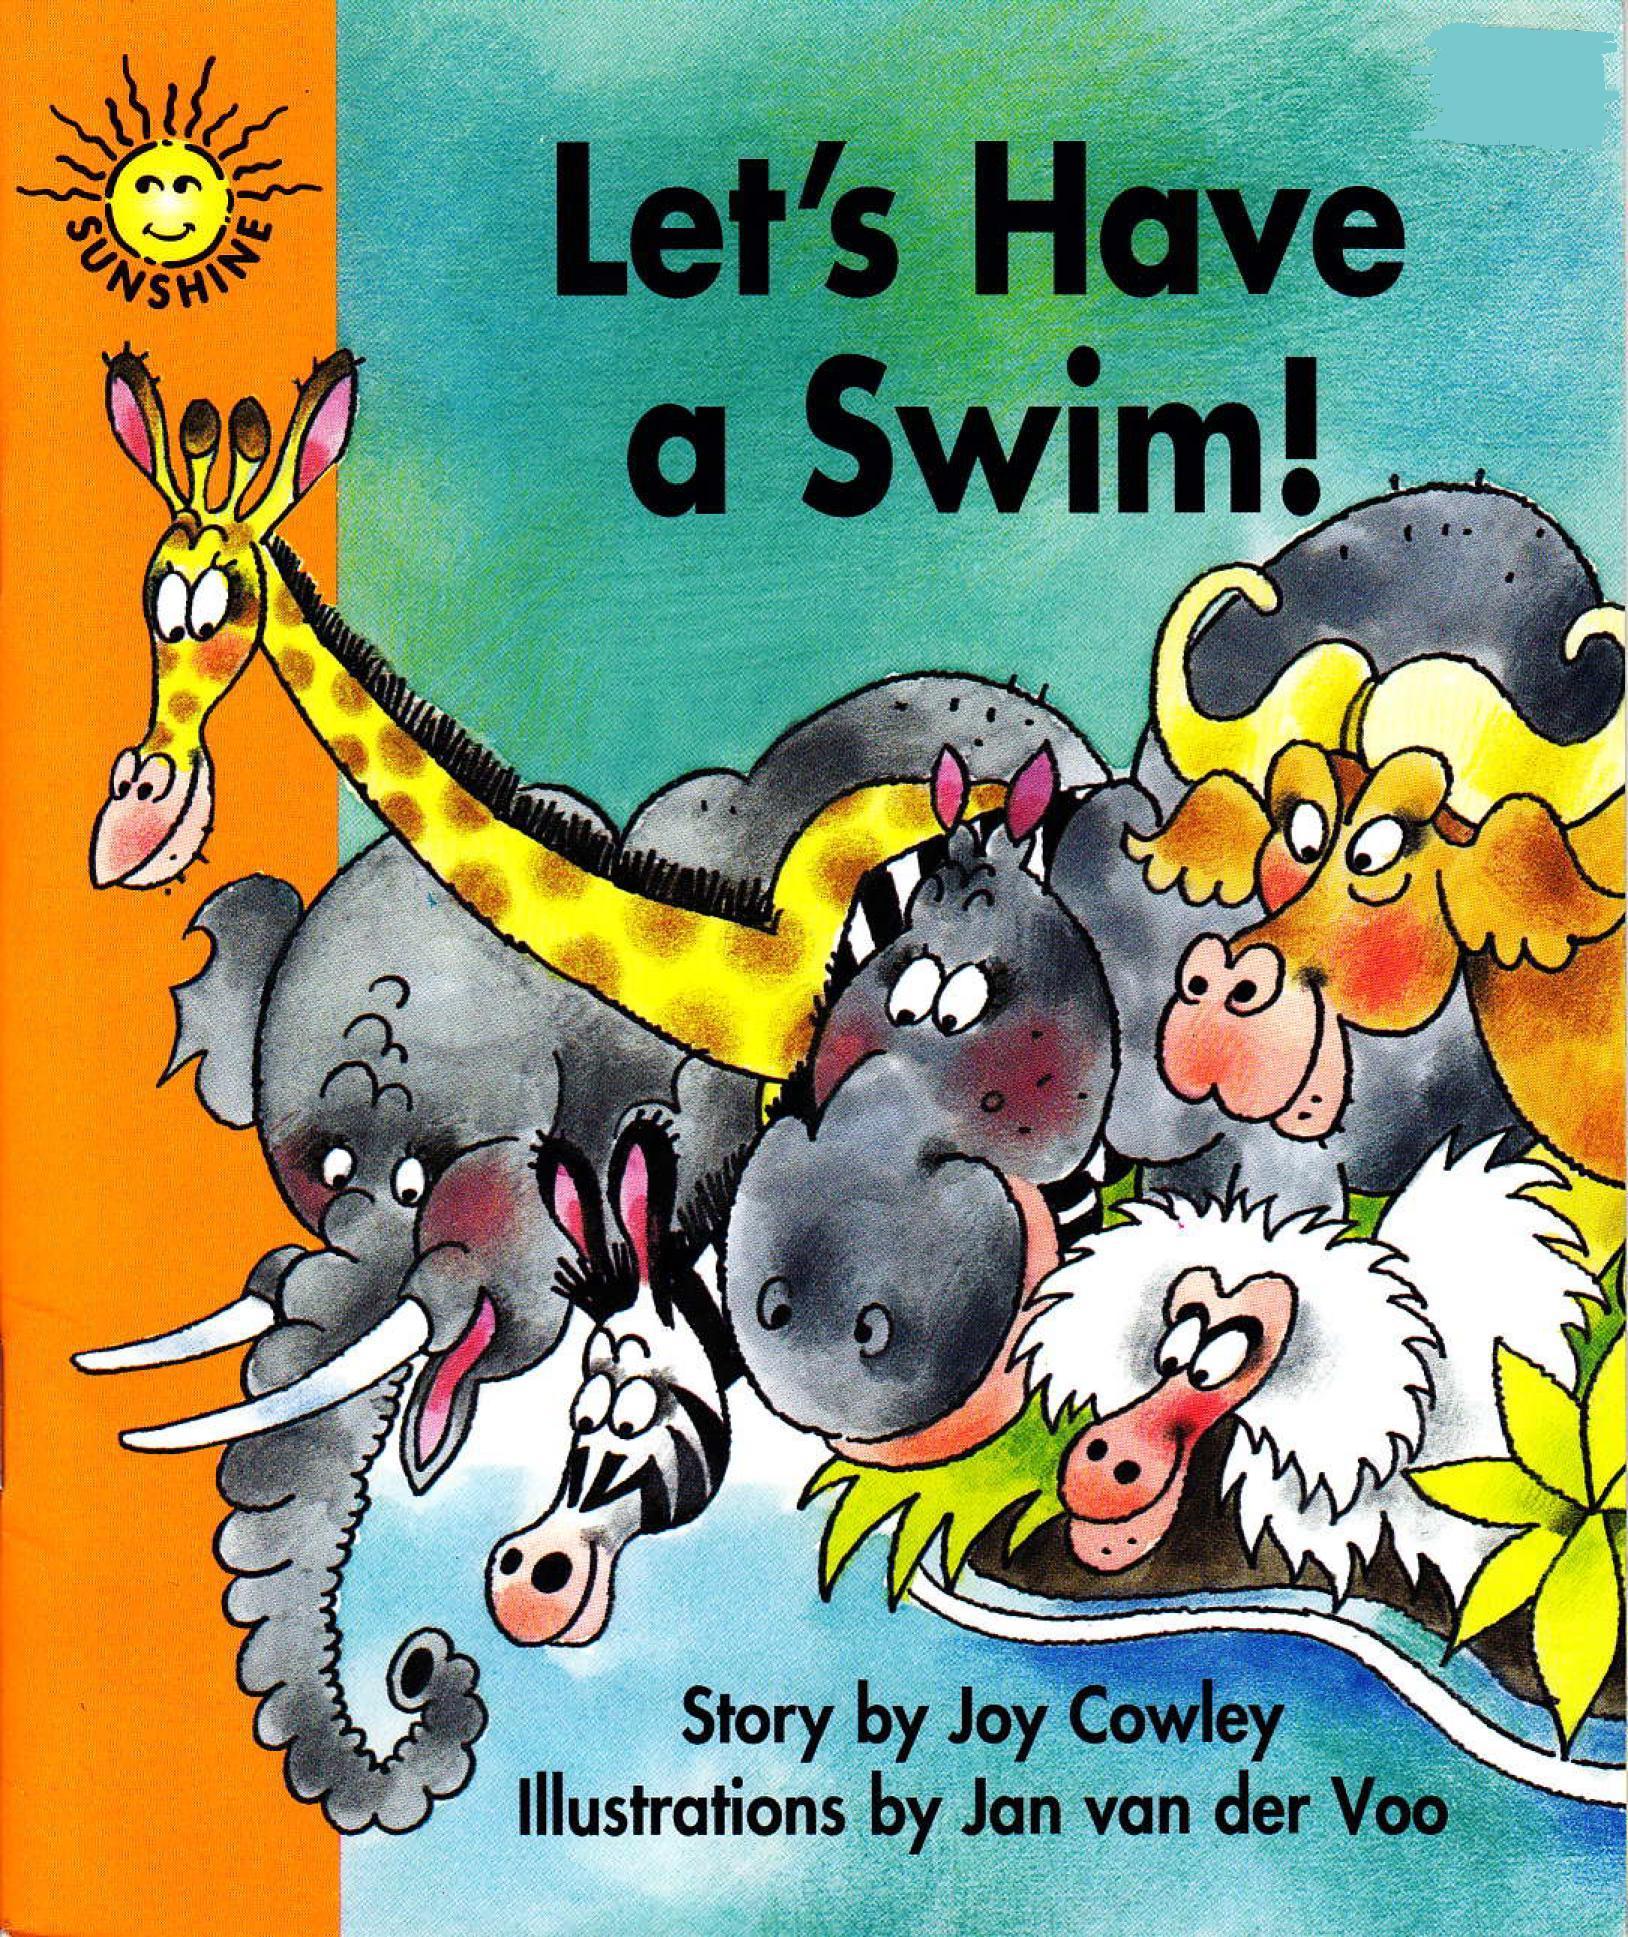 Let's have a swim